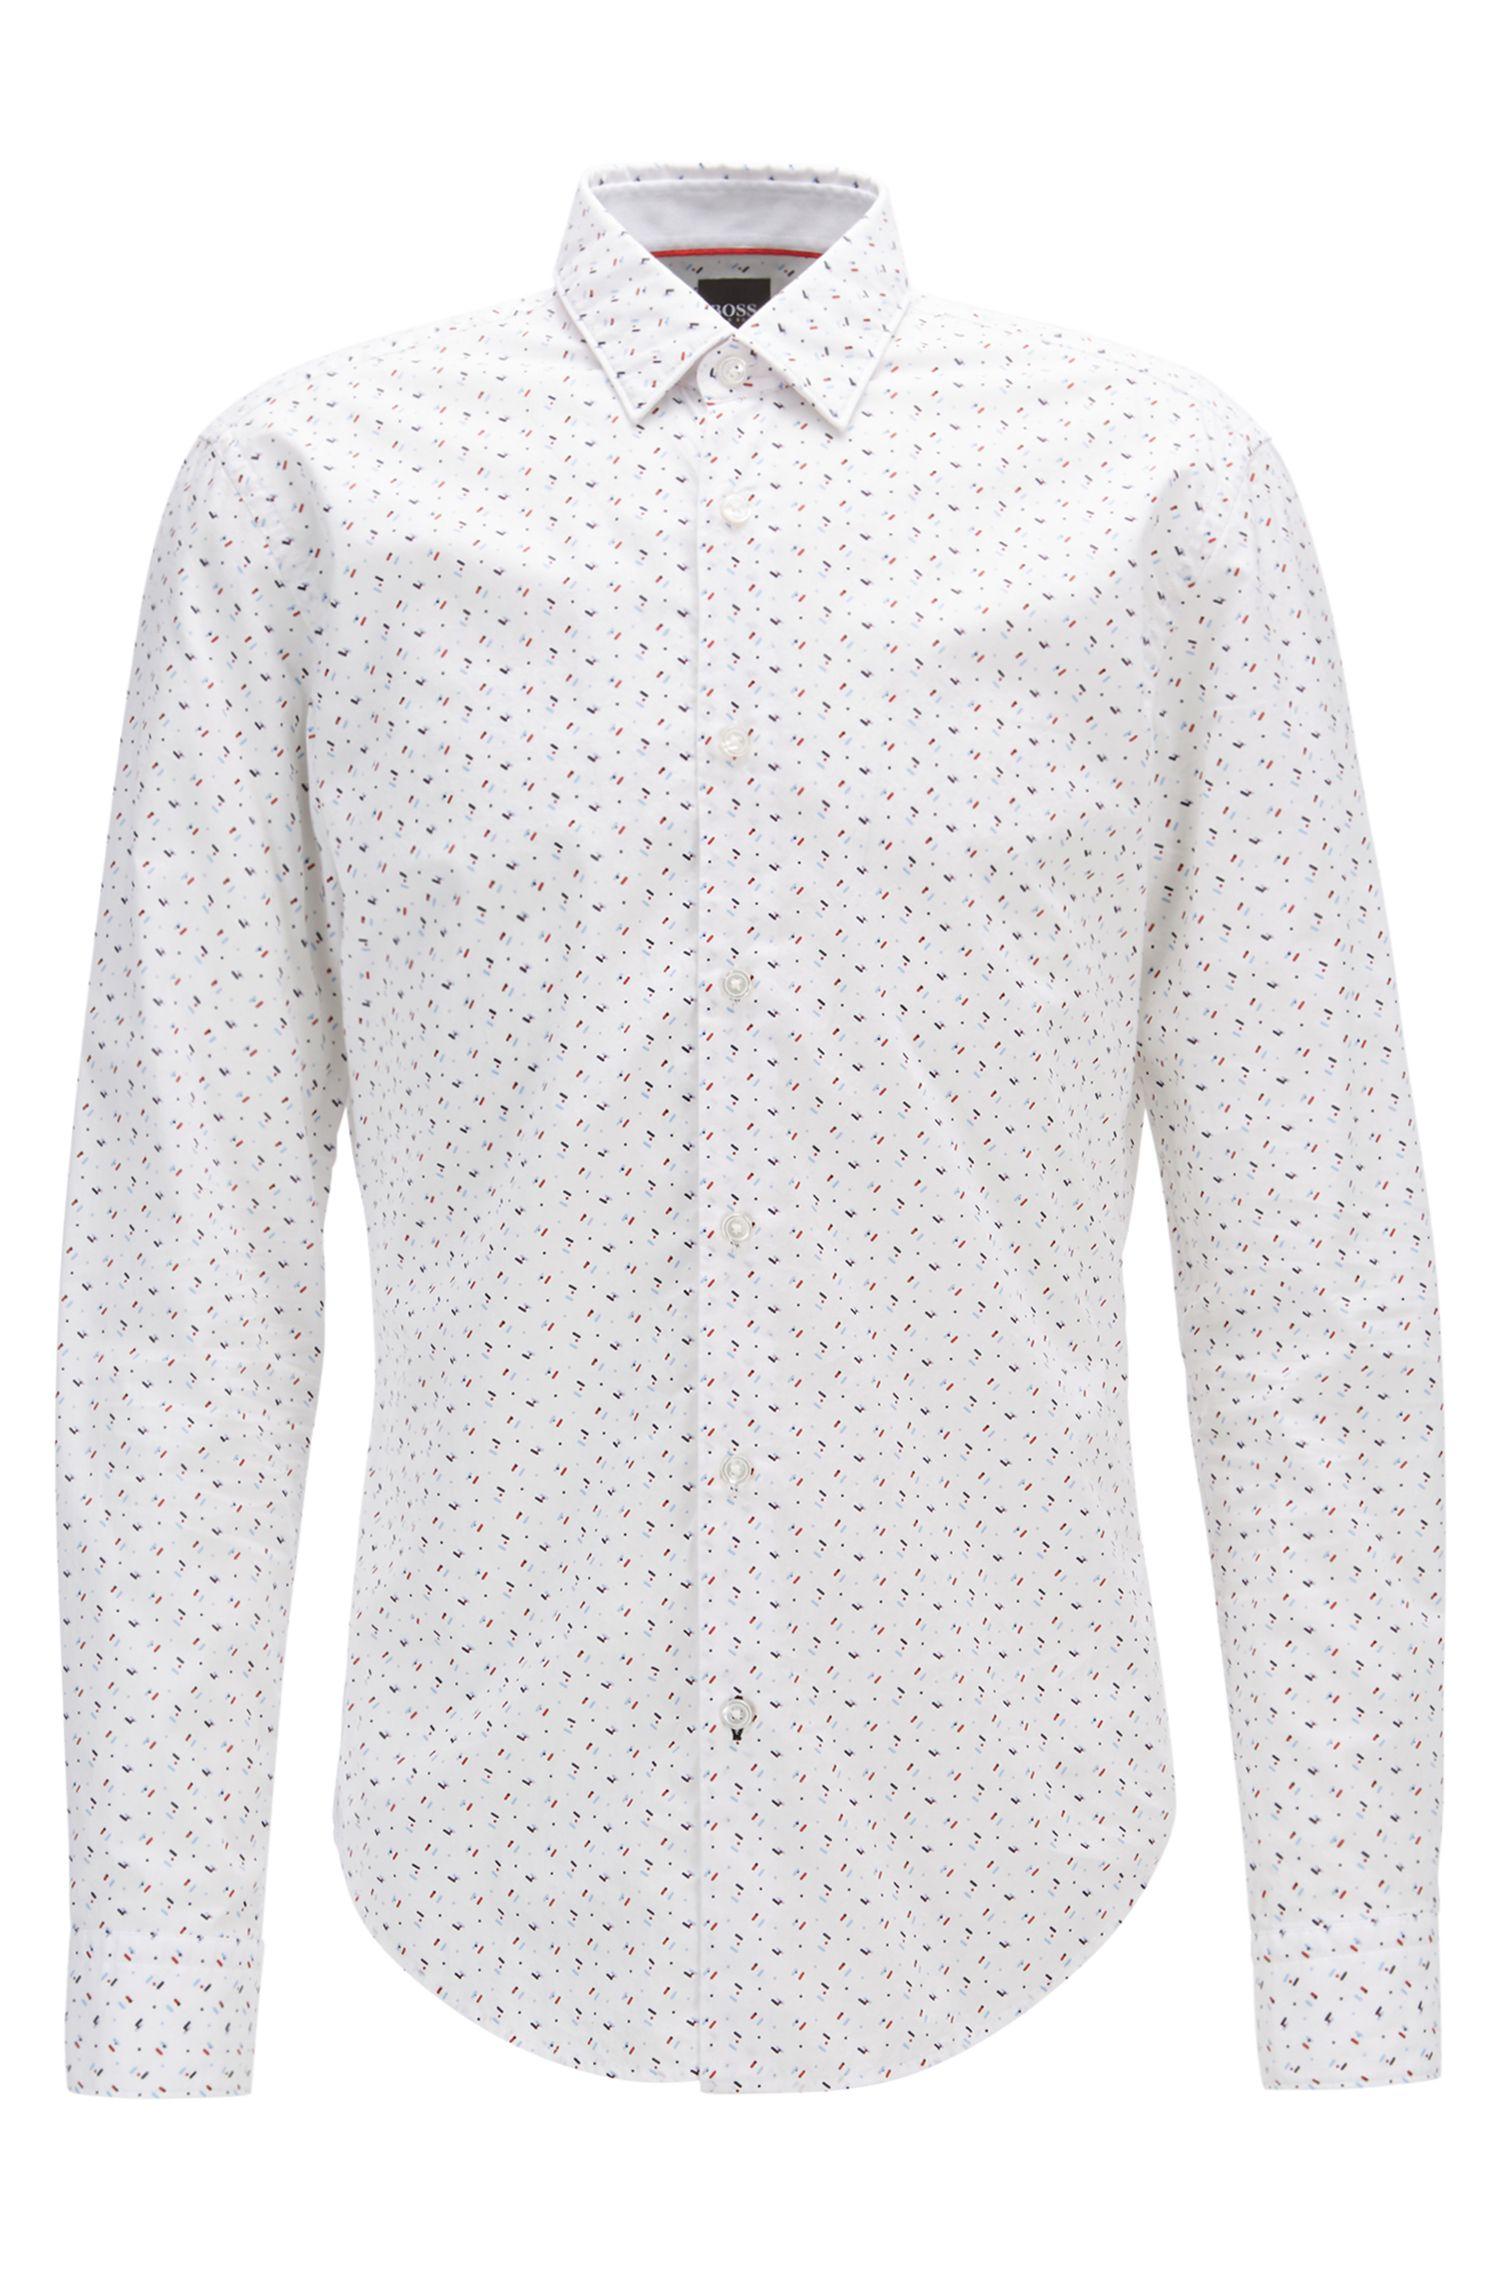 Bedrucktes Slim-Fit Hemd aus gewaschener Baumwoll-Popeline